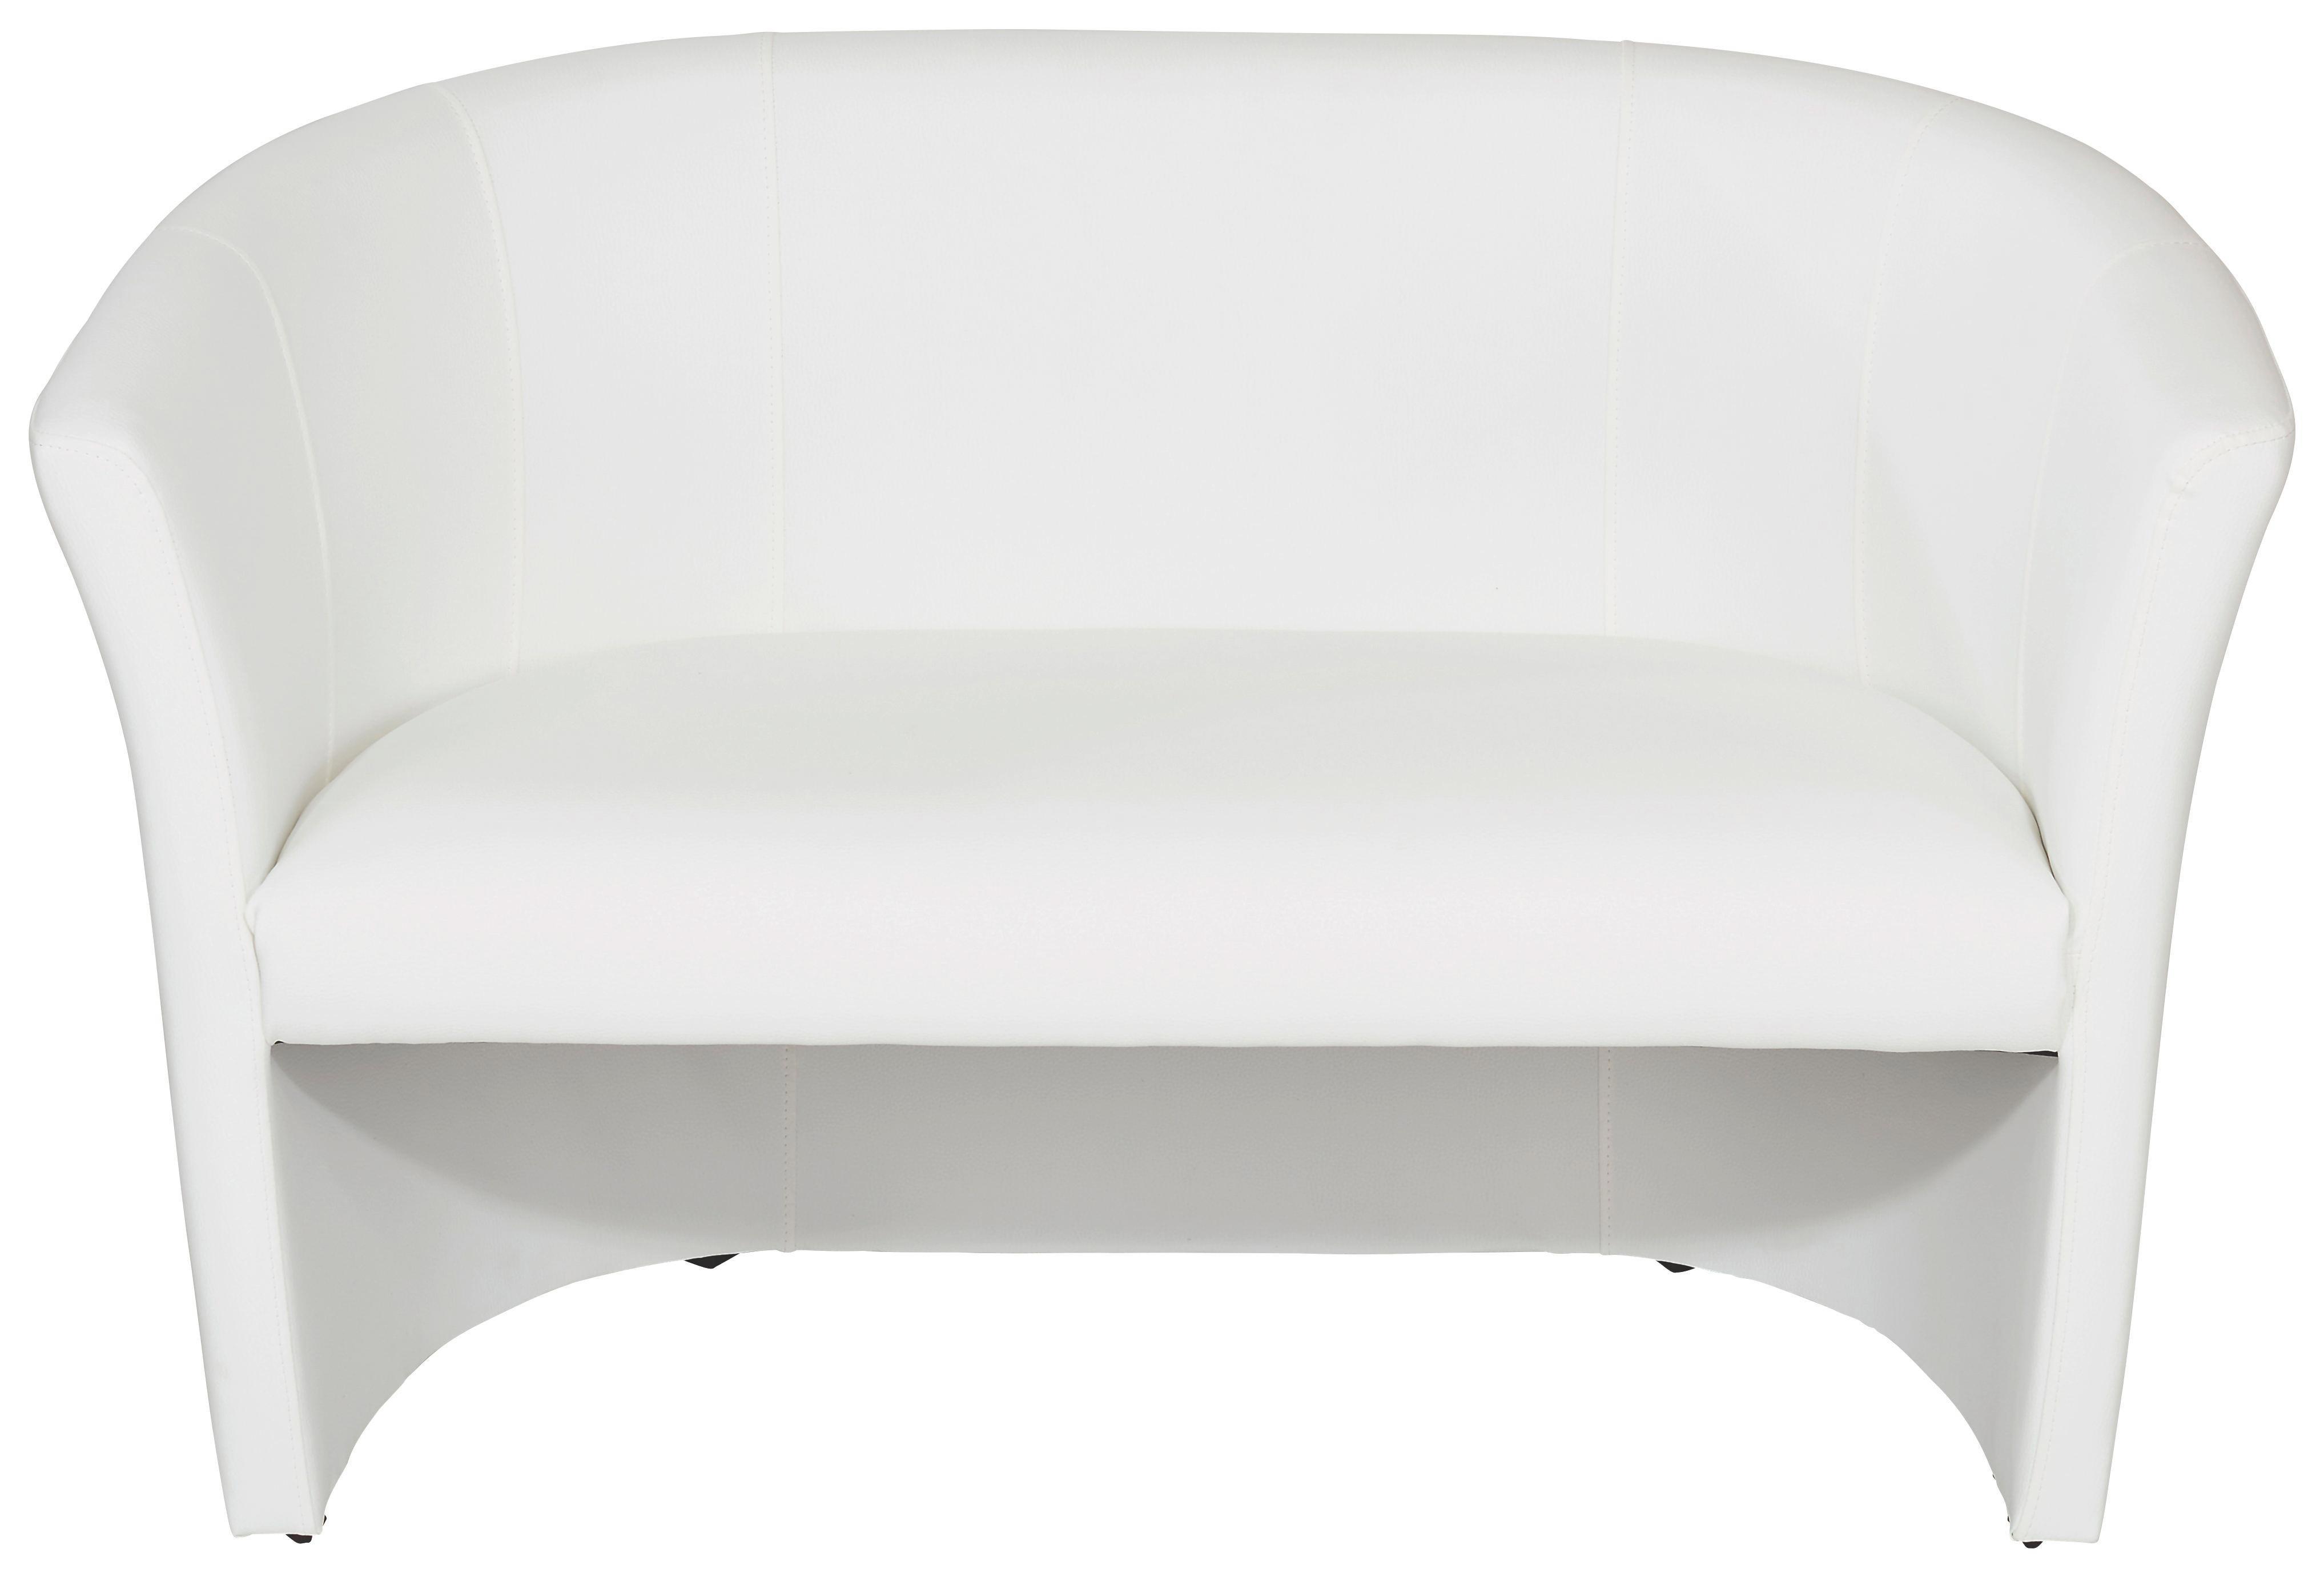 Dvoumístná Pohovka Hugo Duo - bílá, Moderní, textil (118/76/59cm) - OMBRA